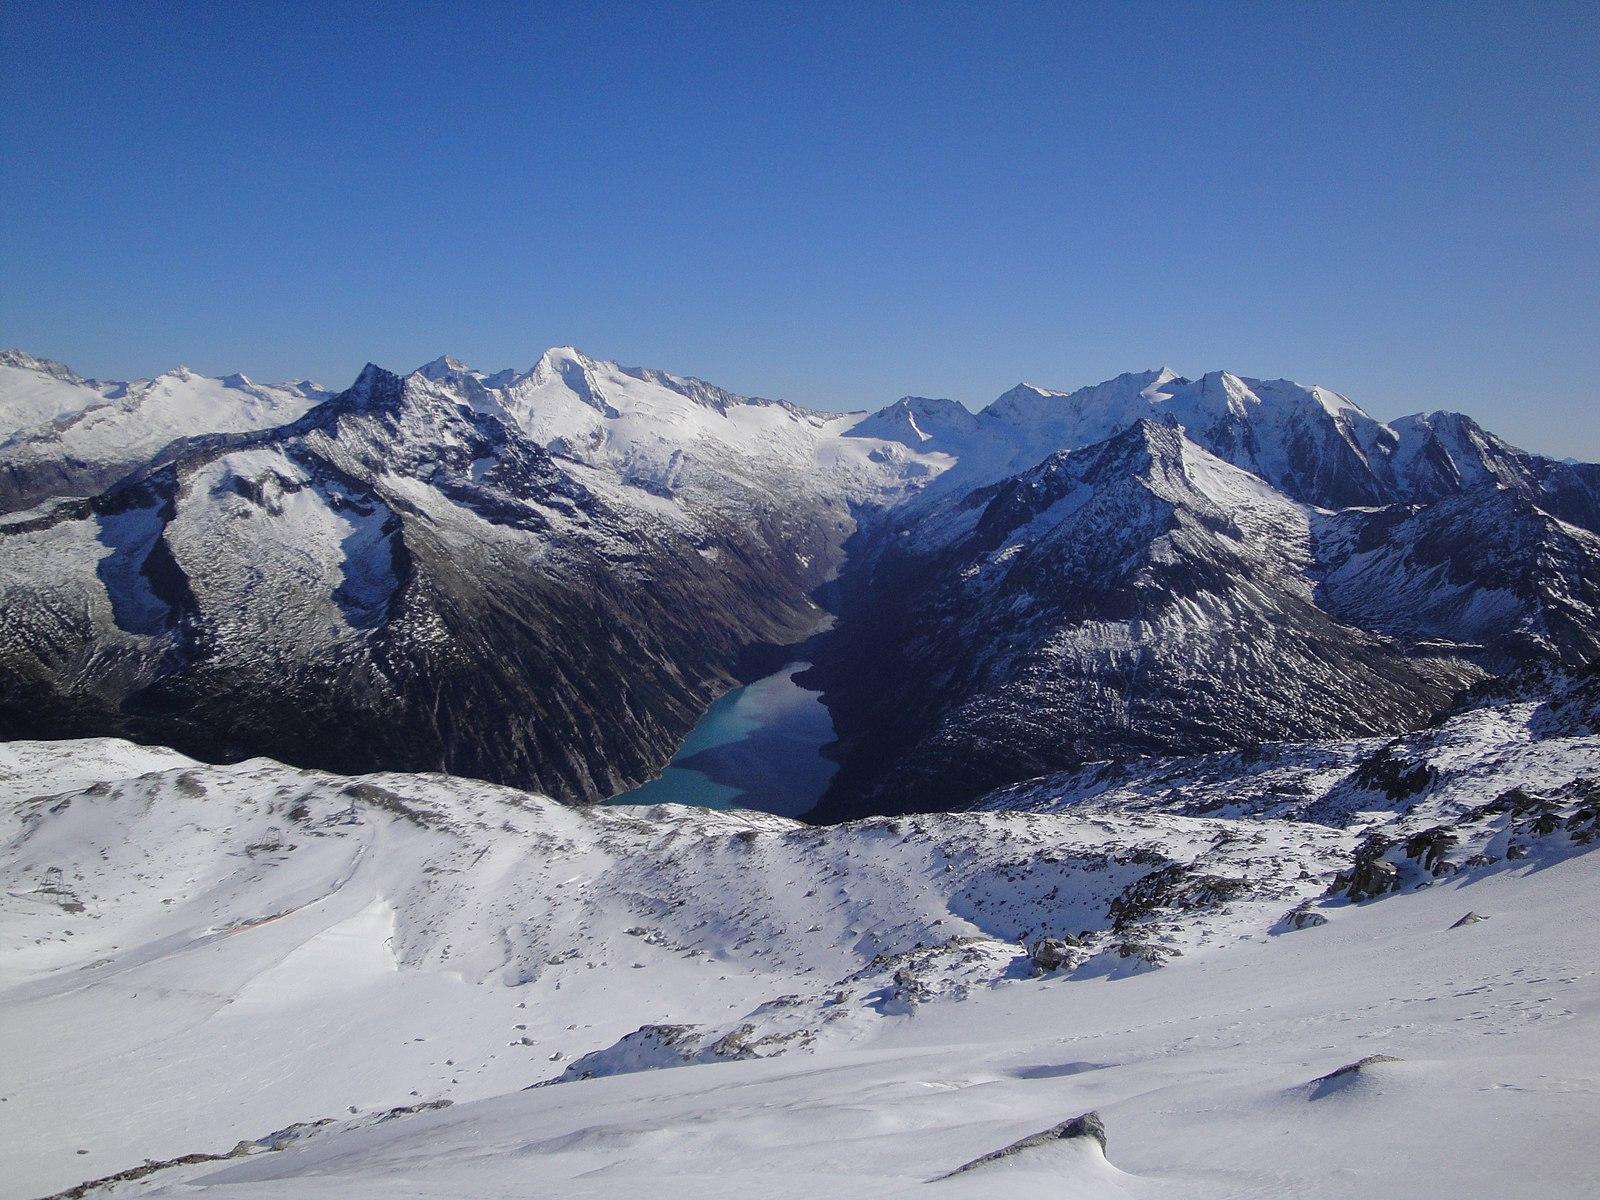 V Rakousku zemřel český lyžař, opuštěním vyznačené sjezdovky spustil lavinu